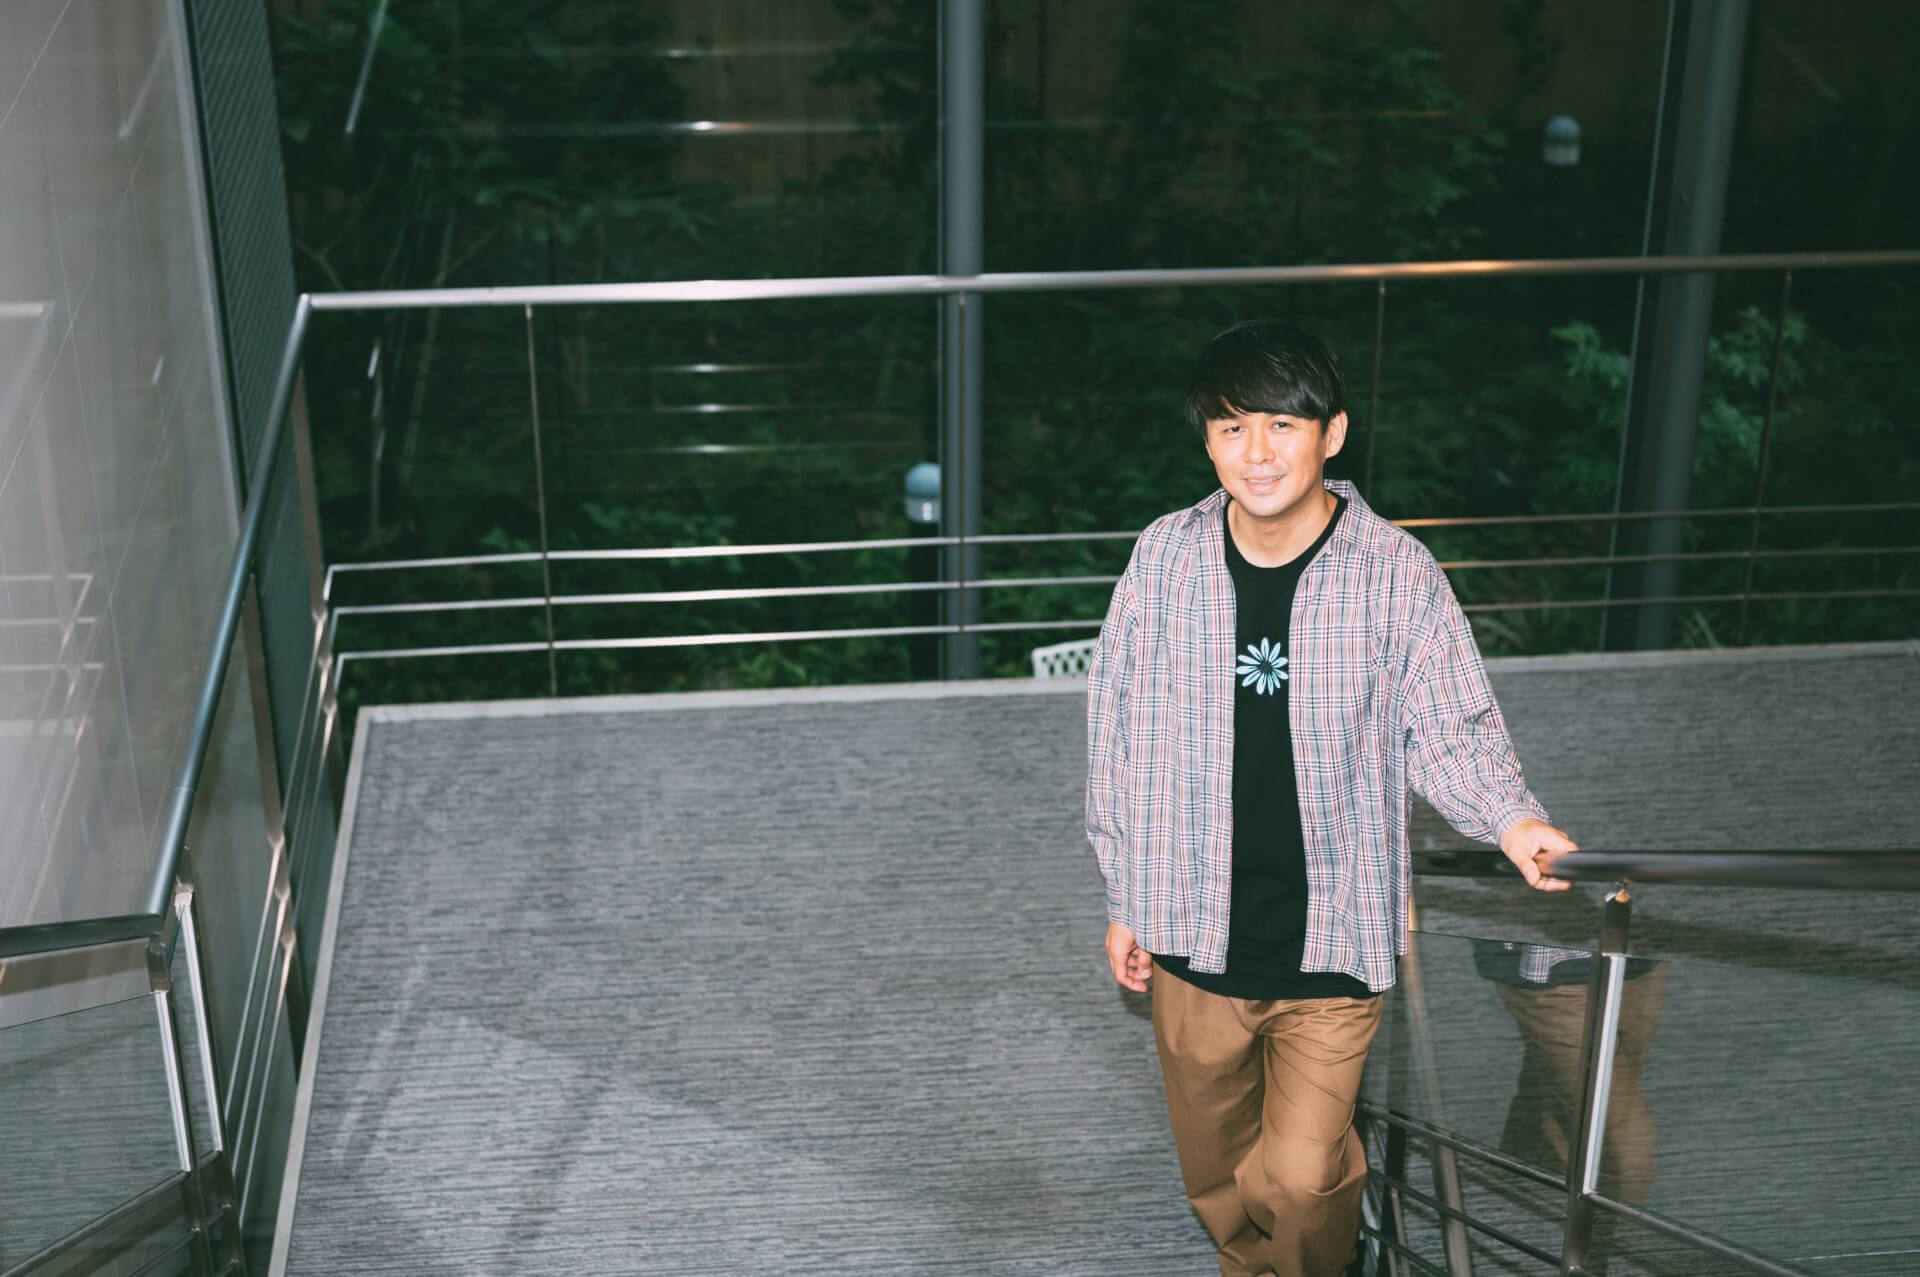 1人になったthe chef cooks me・下村亮介が辿り着いた先で見つけたバンドマジック interview1002_tccm_10